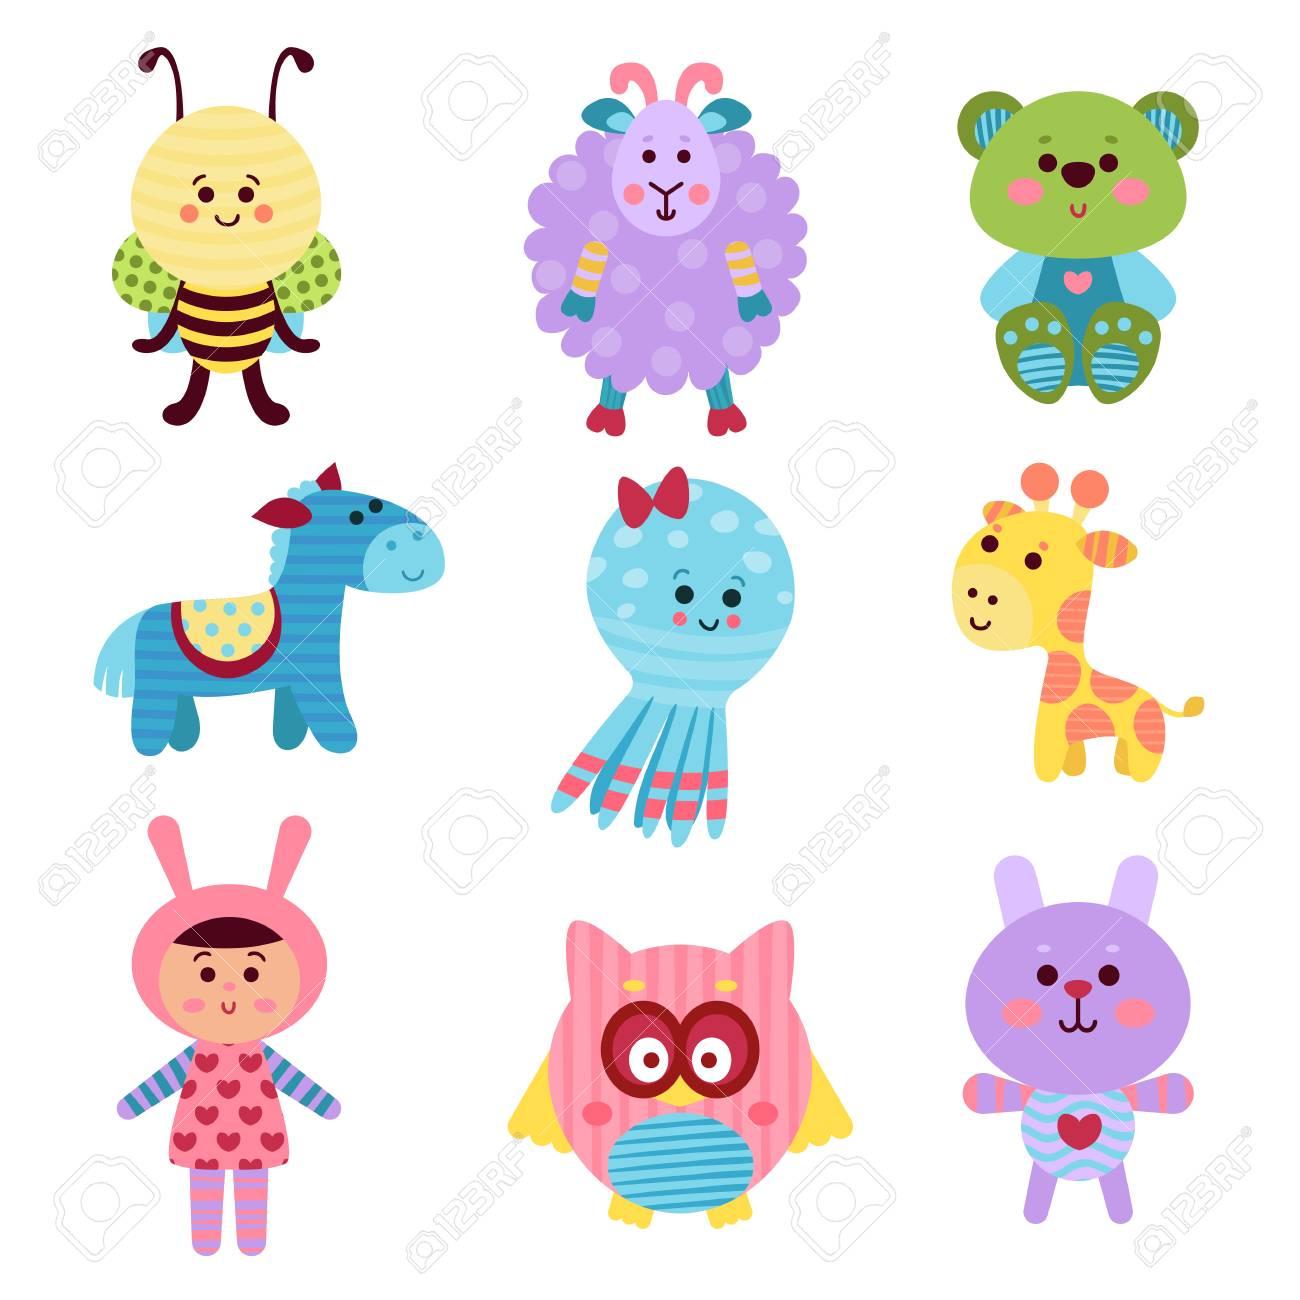 Juguetes Y Animales De Dibujos Animados Lindo Bebe Conjunto De